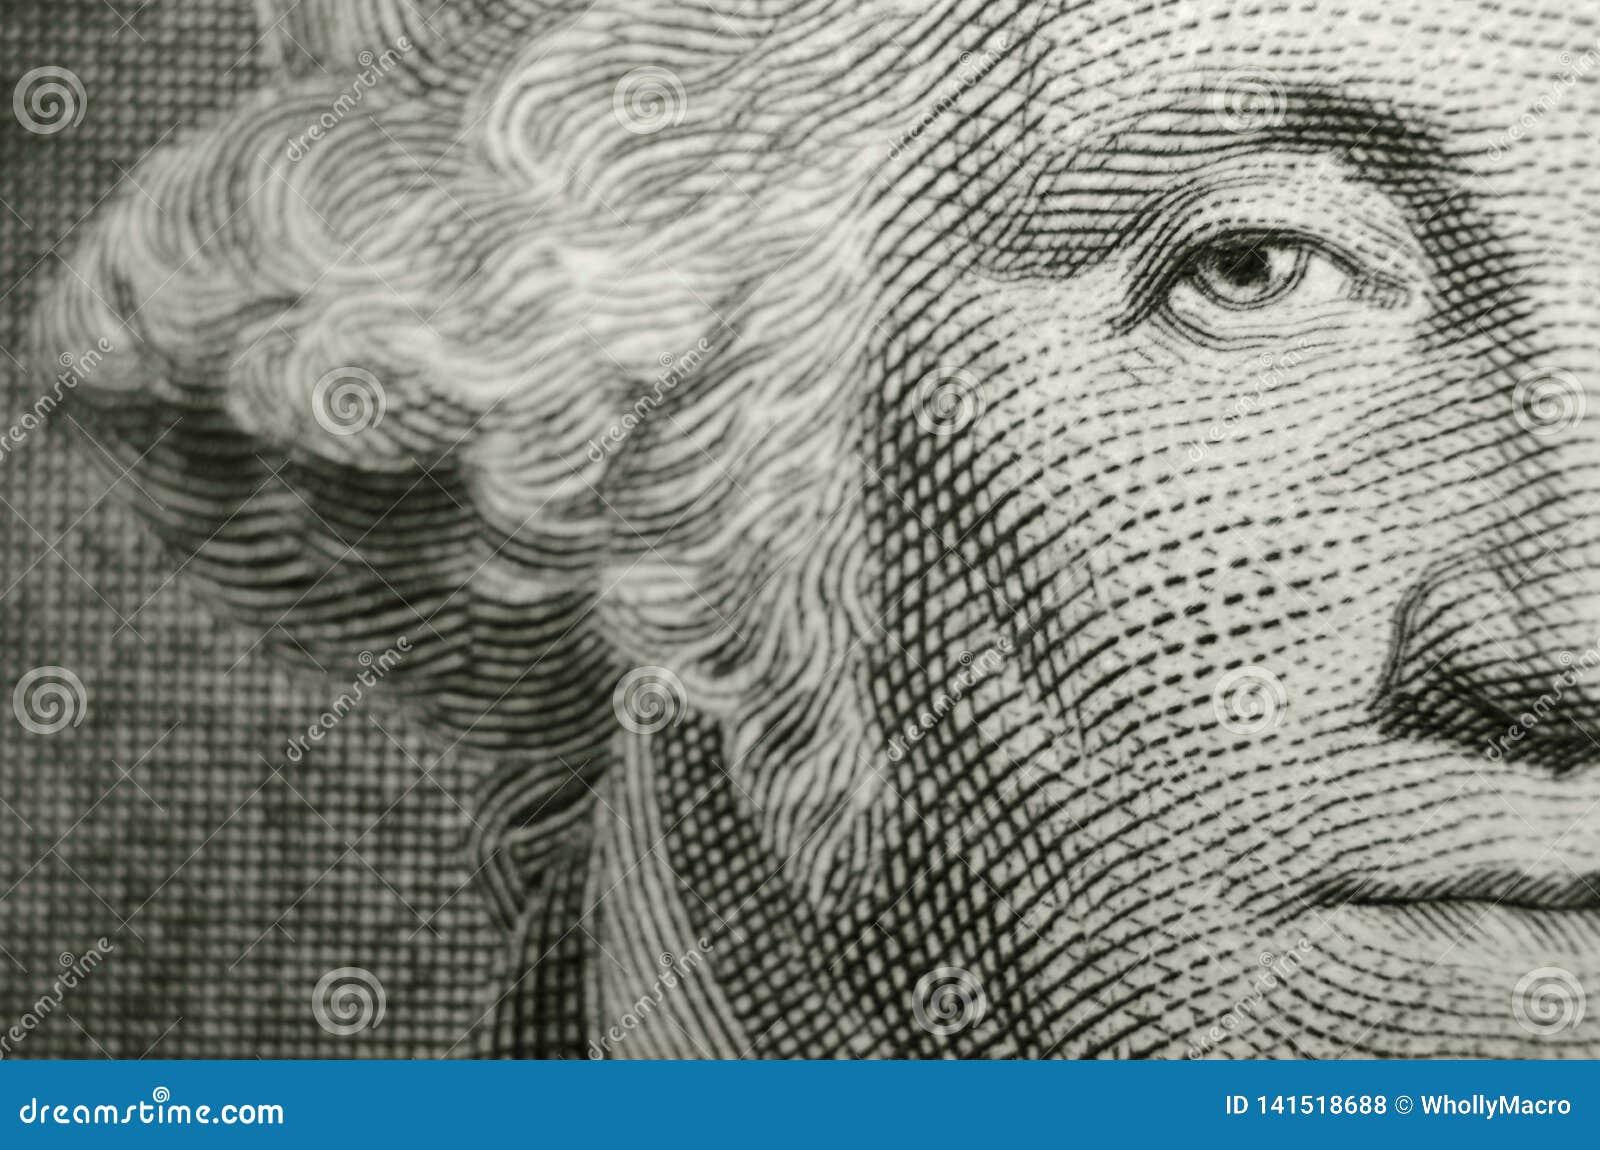 Composición compensada que ofrece el ojo del freemason, fundador, George Washington